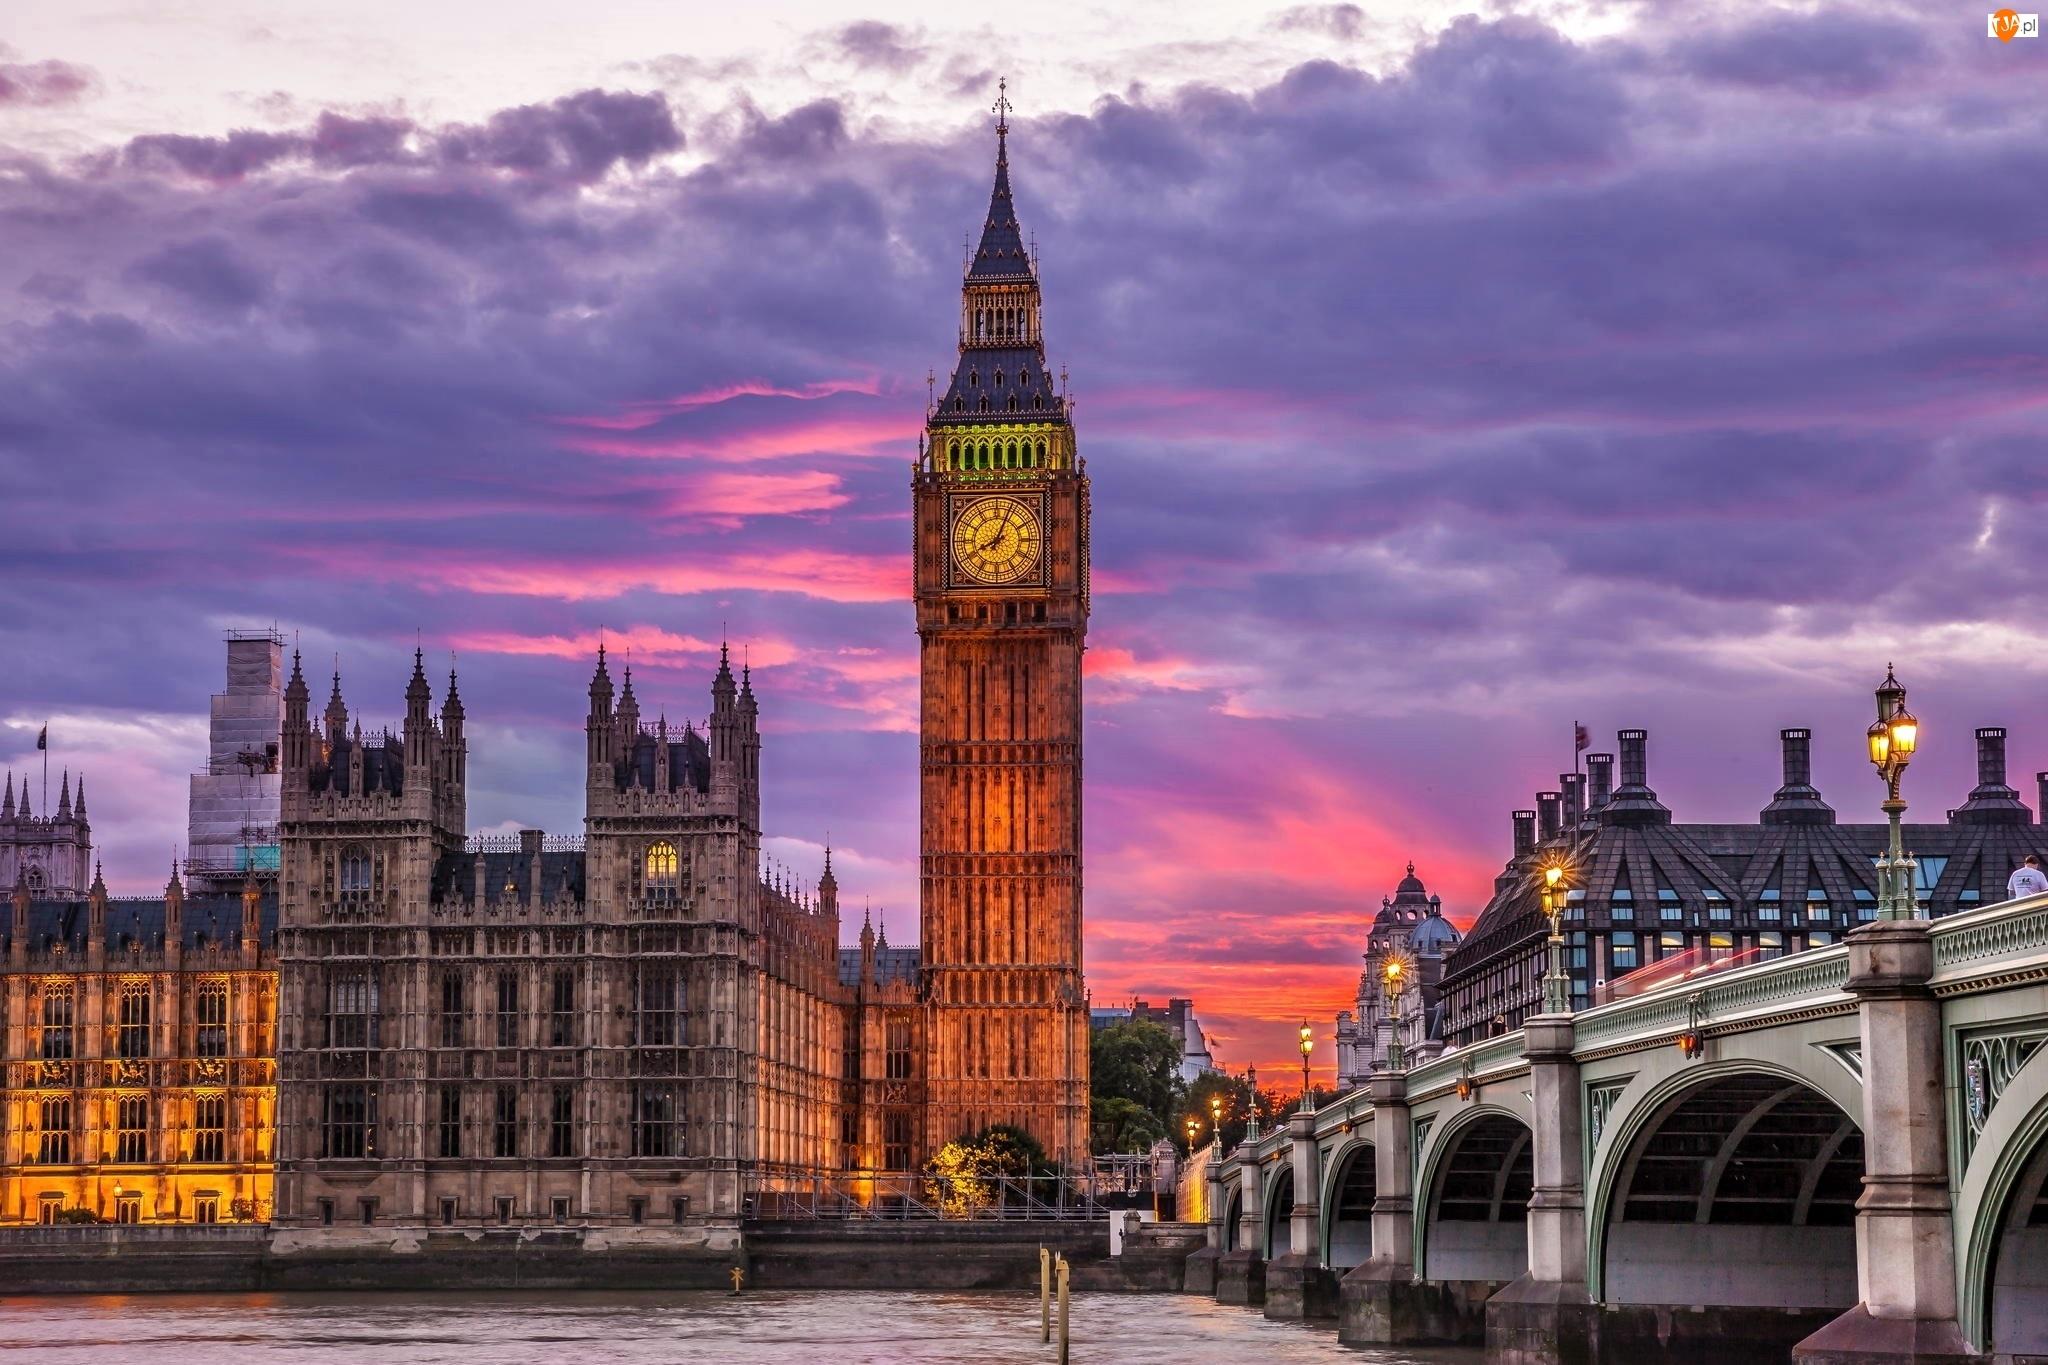 Pałac Westminster, Wielka Brytania, Anglia, Londyn, Big Ben